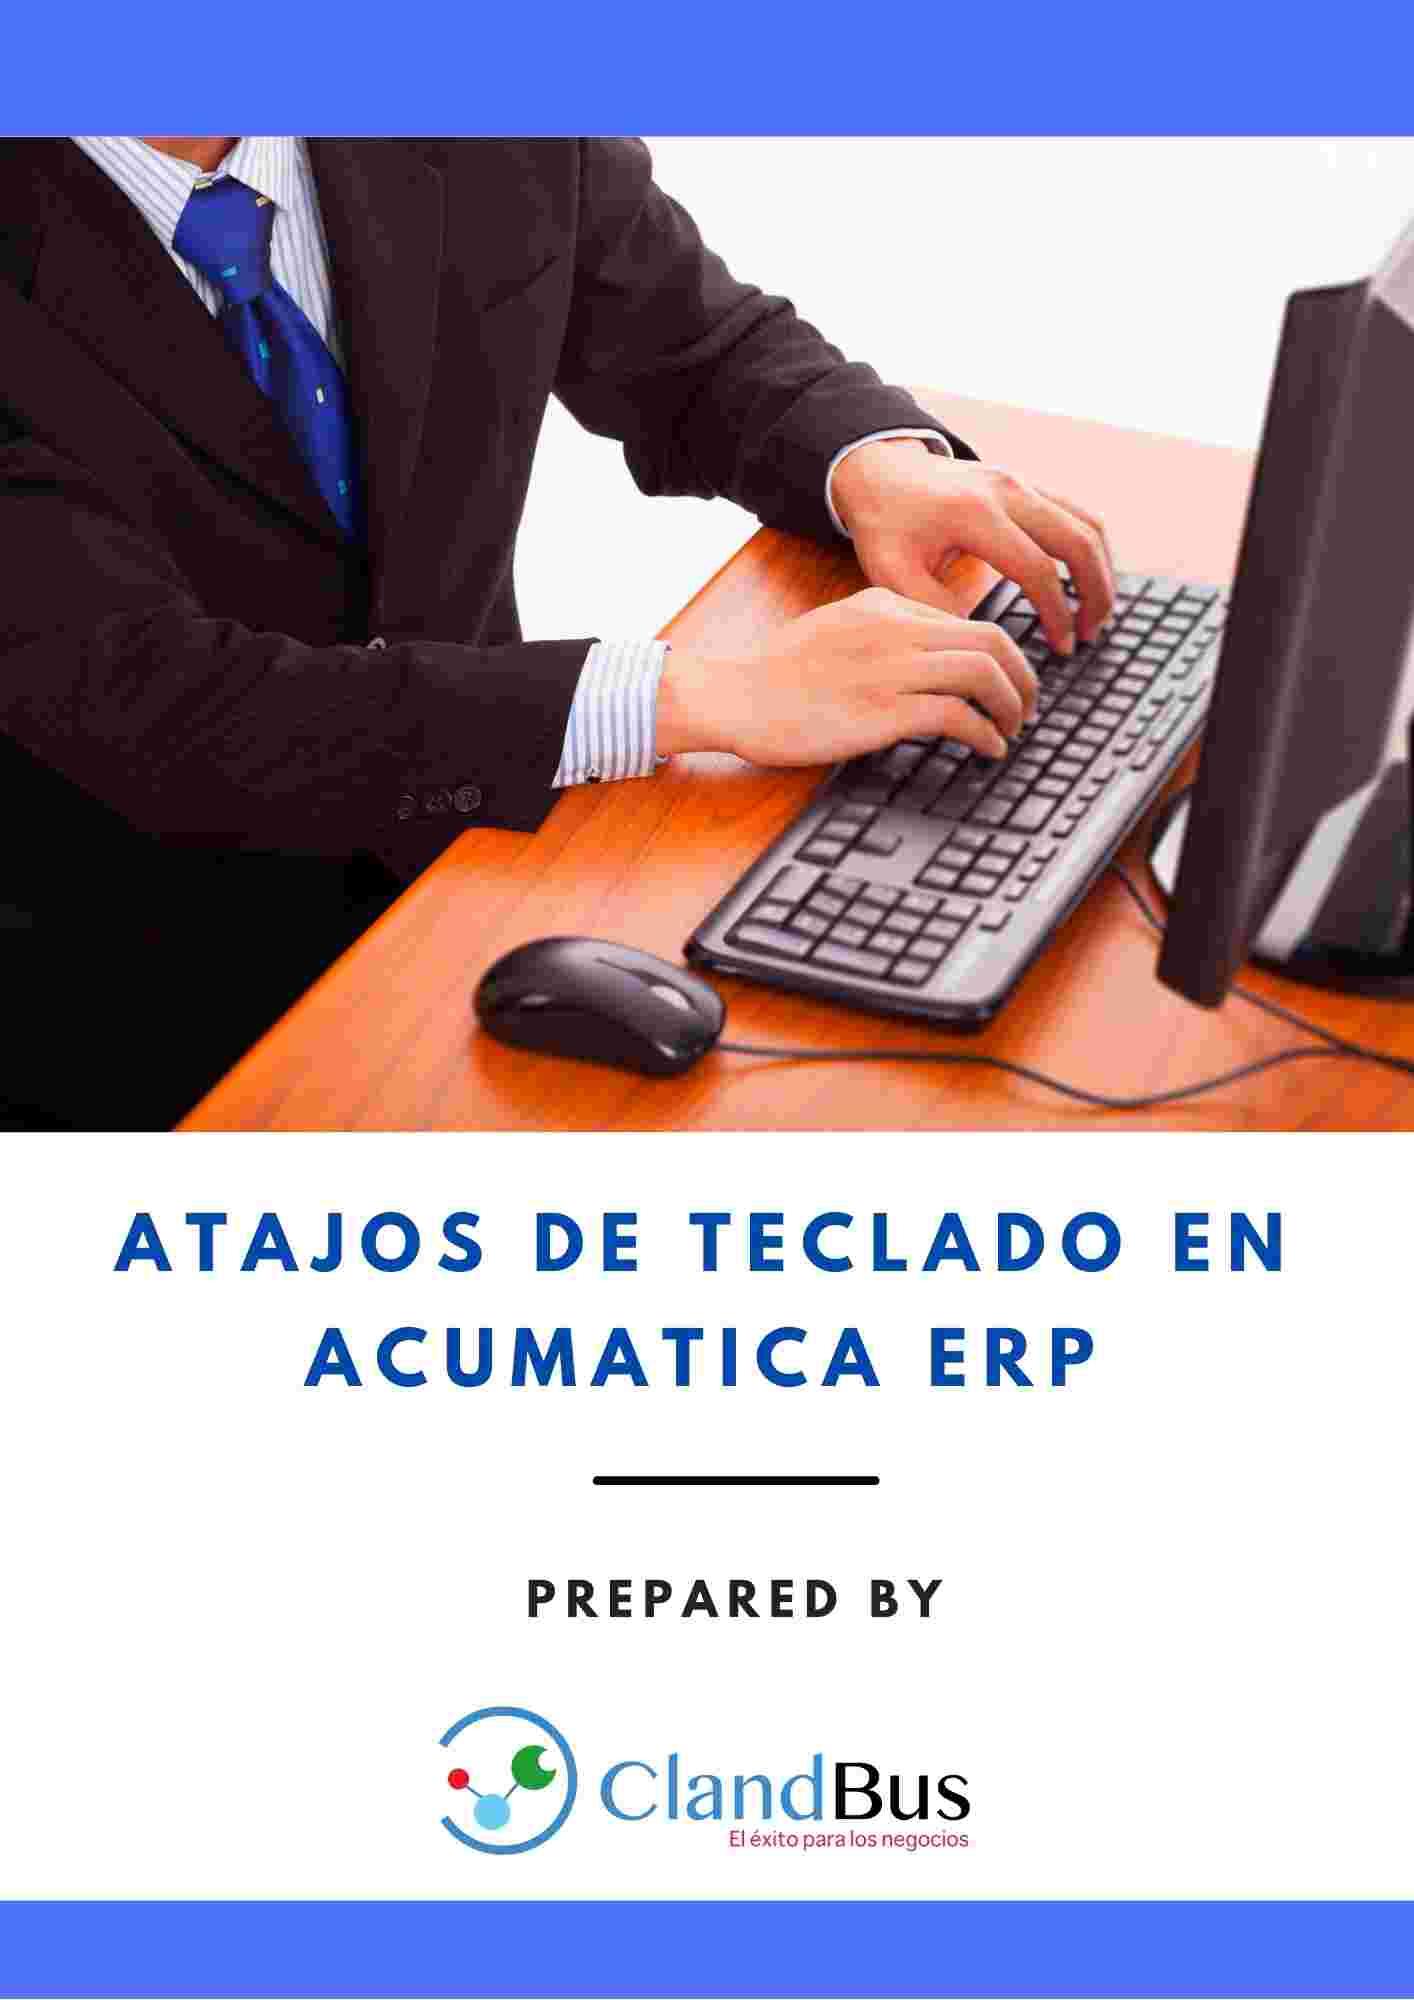 E-book ERP- Atajos de teclado en acumatica ERP y las mejores prácticas de ClandBus